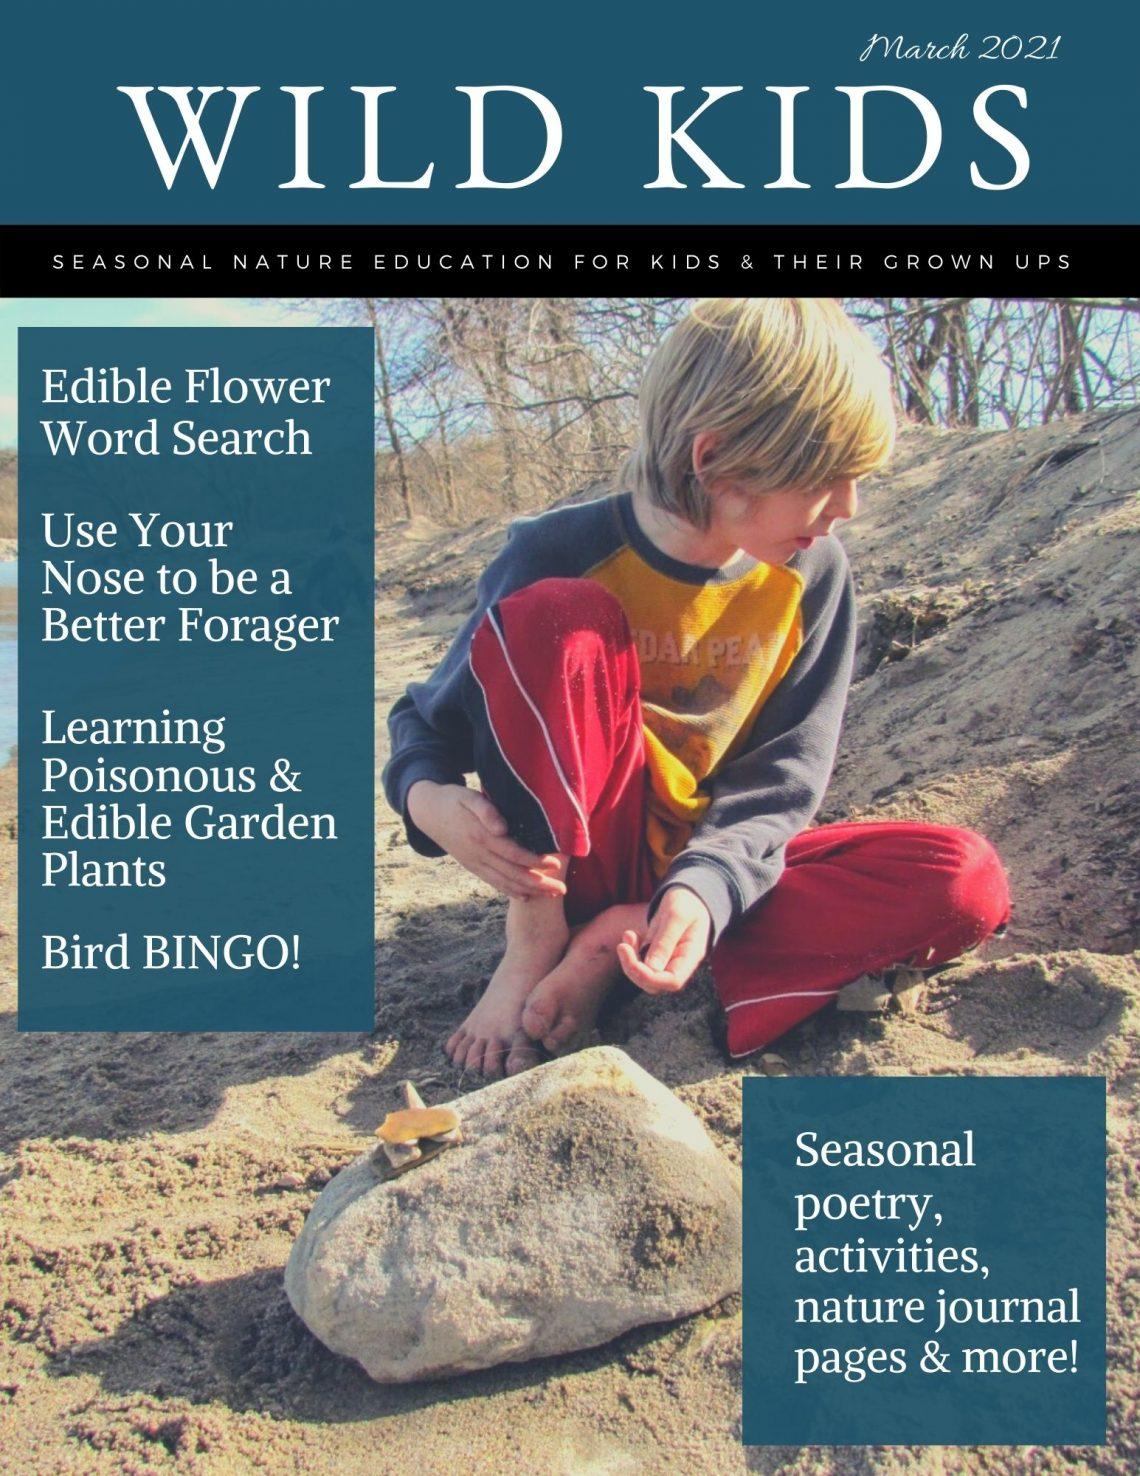 March 2021 Wild Kids Magazine